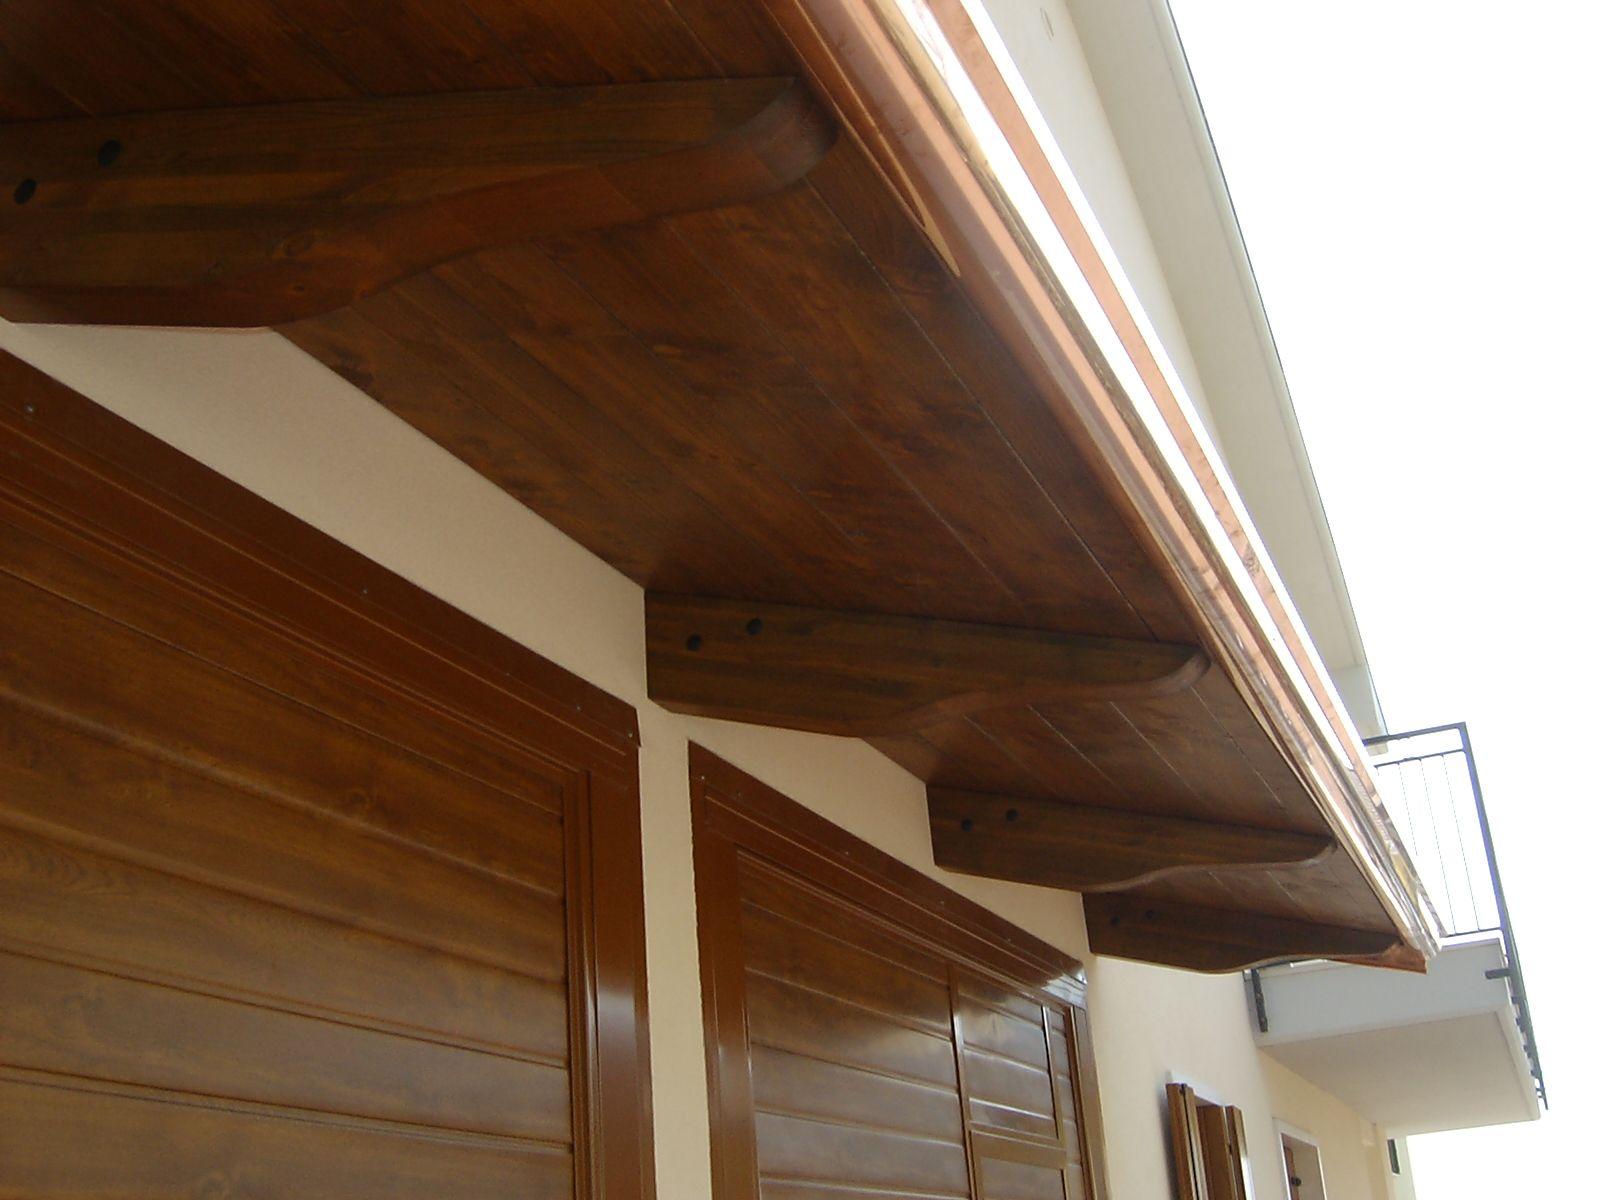 pensilina in legno lamellare a sbalzo a protezione dei